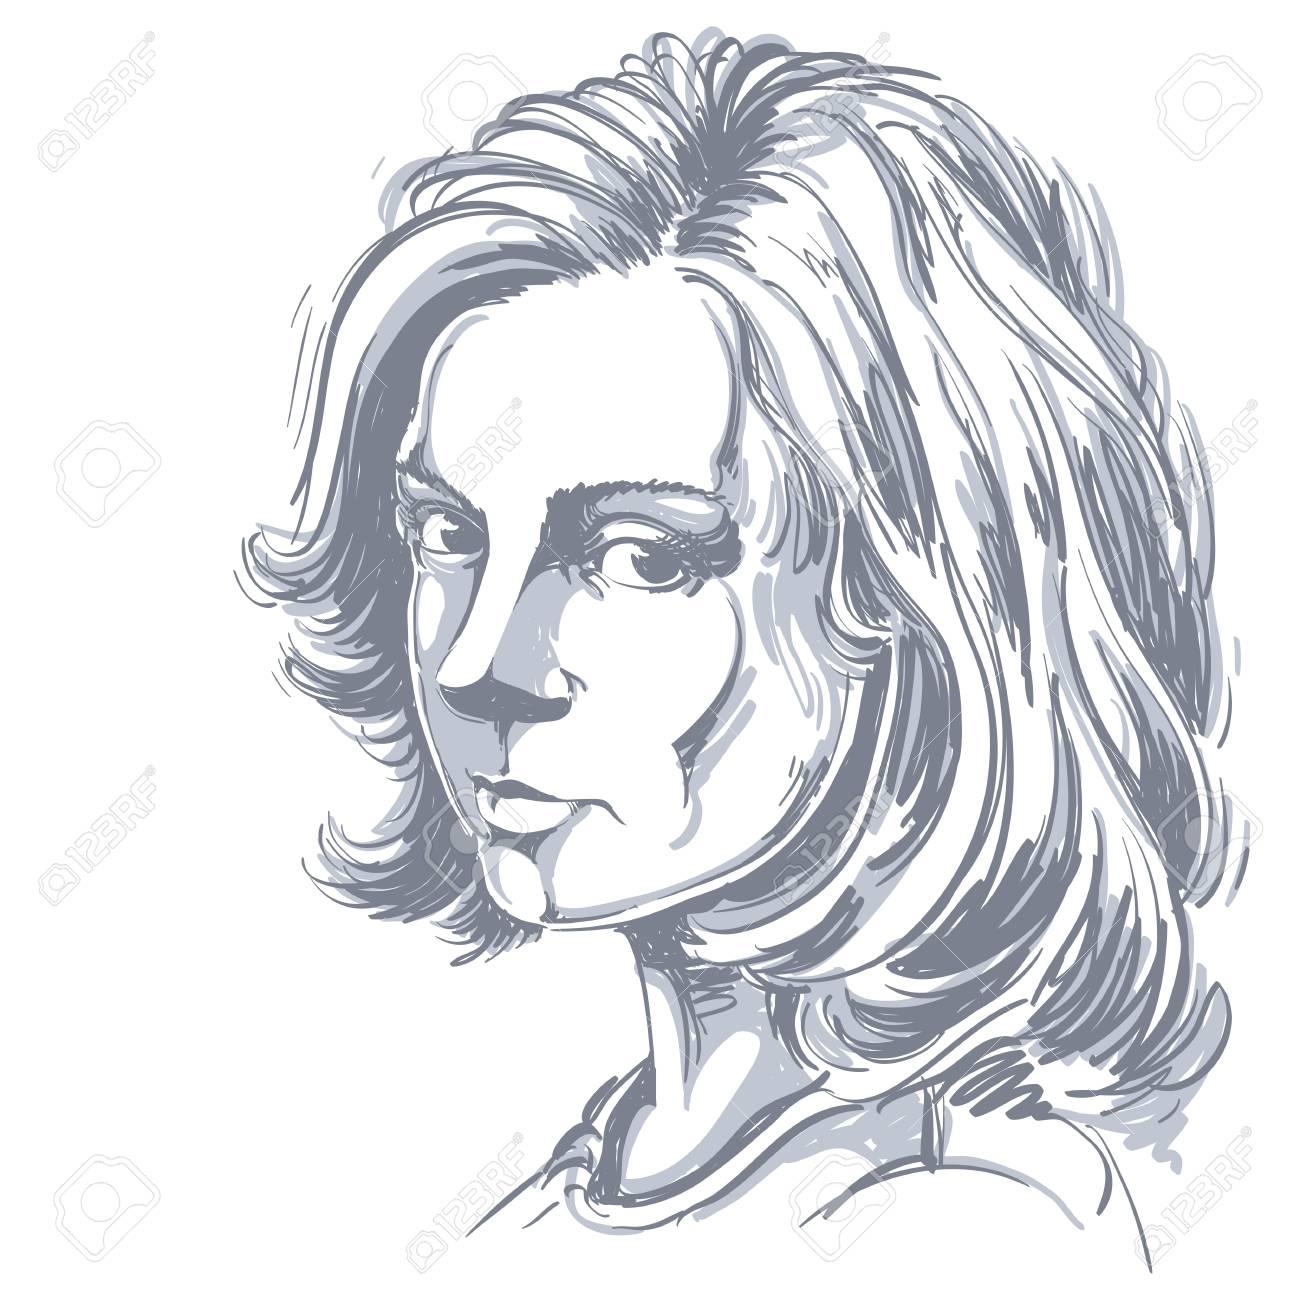 Kunstlerische Hand Gezeichnet Vektor Bild Schwarz Weiss Portrat Von